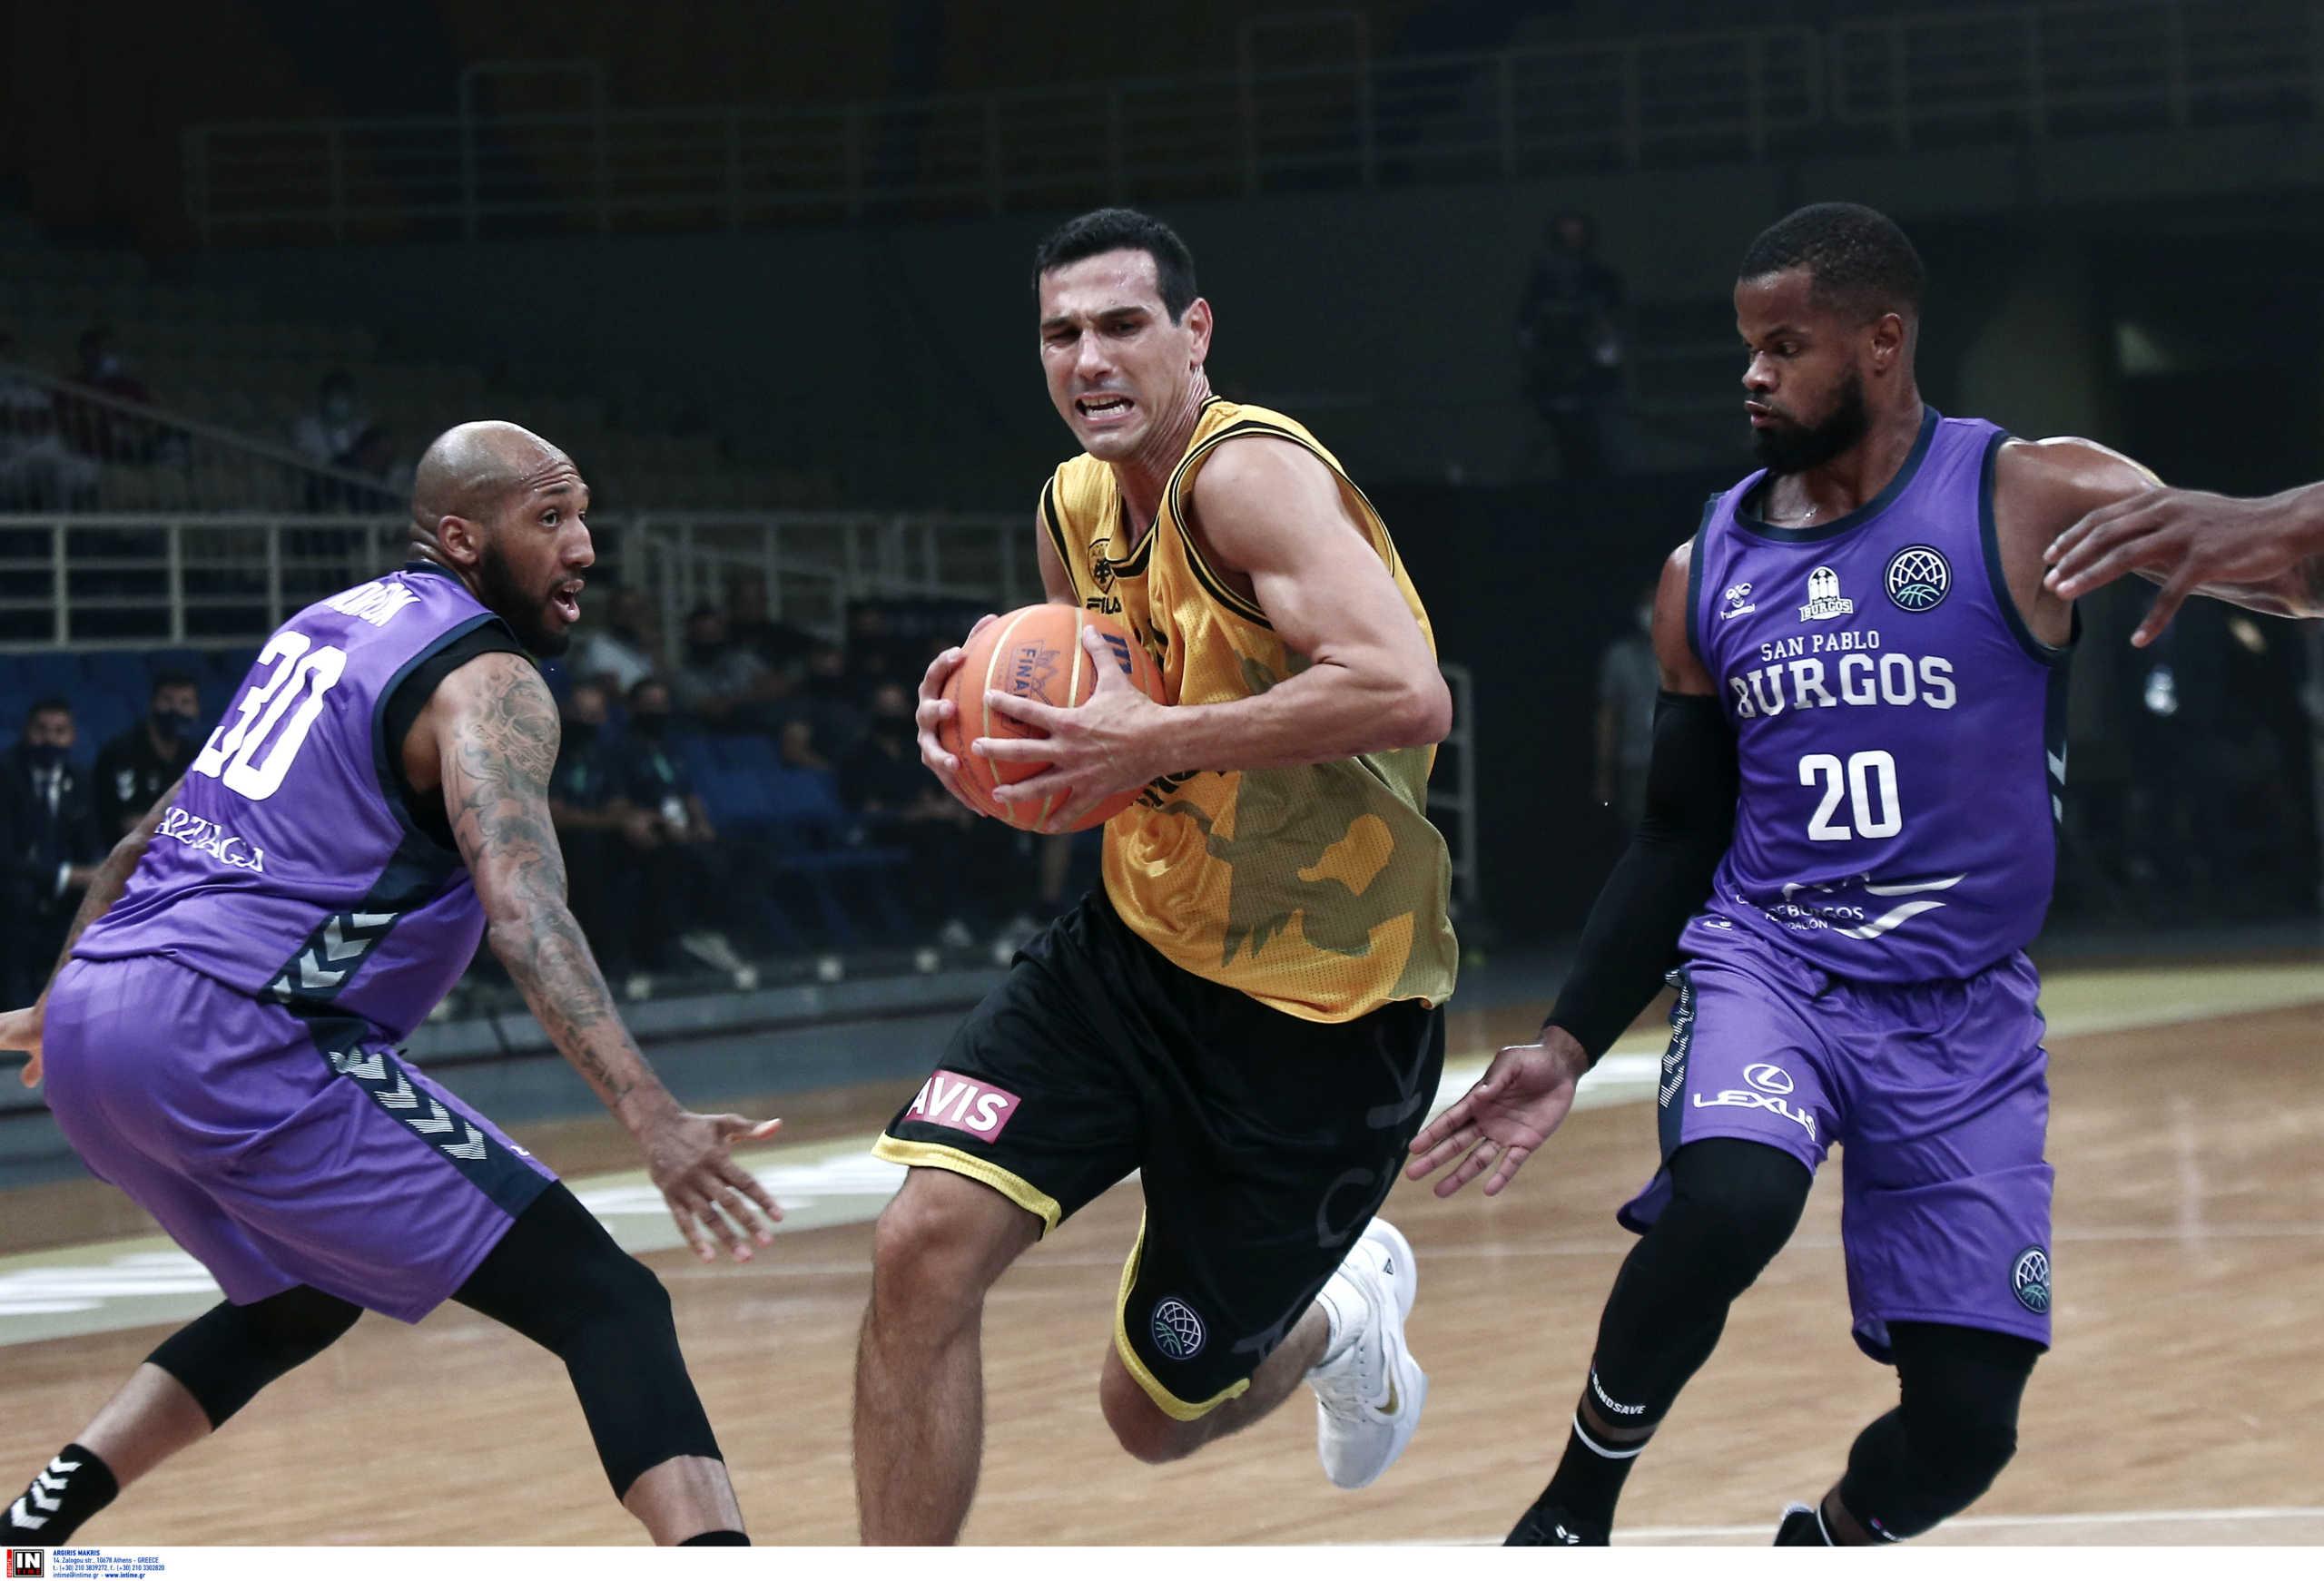 Μπούργος – ΑΕΚ 85-74 ΤΕΛΙΚΟ: Σήκωσαν την κούπα οι Ισπανοί